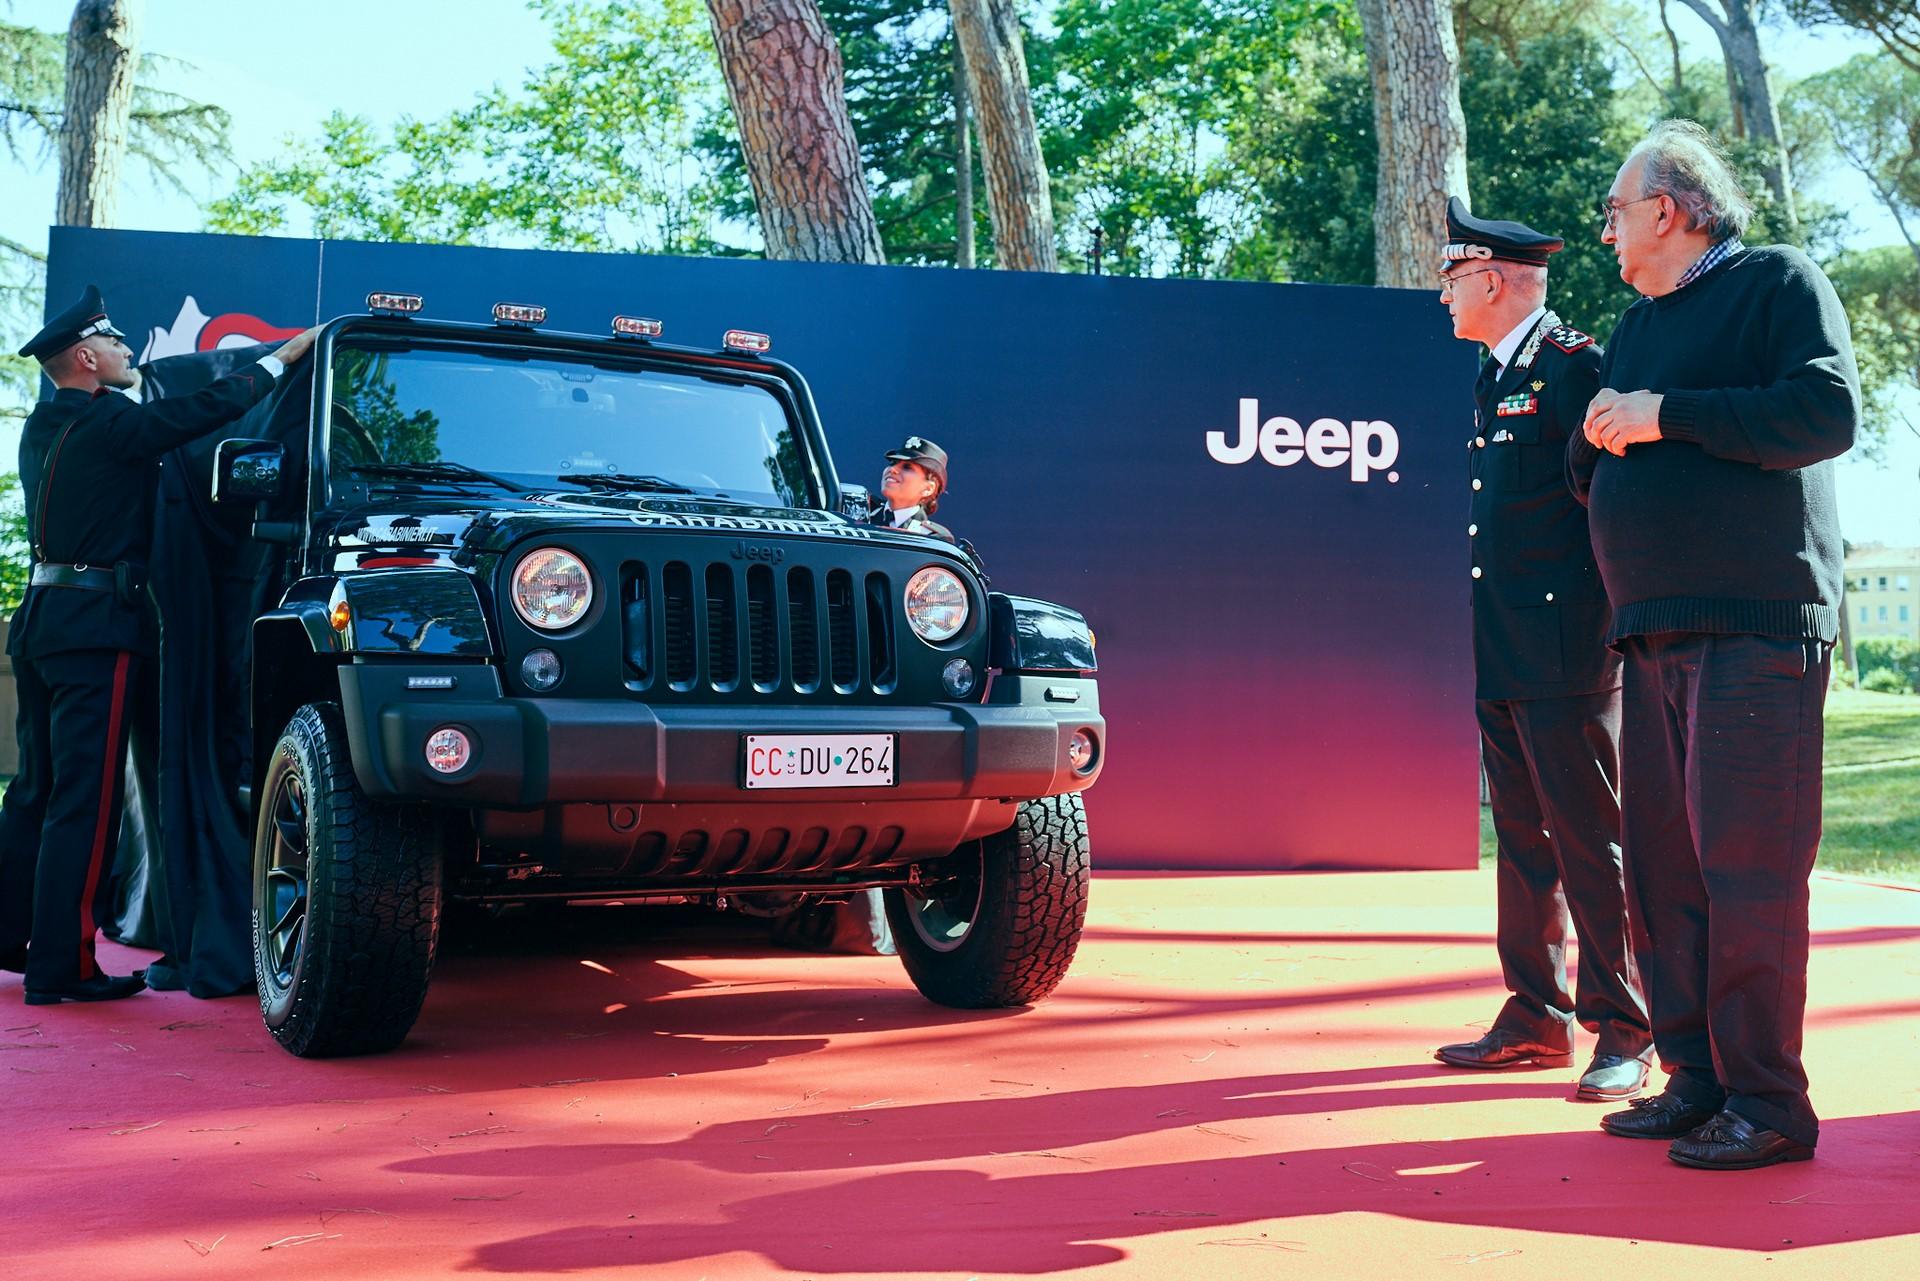 Jeep Wrangler Italian Police (2)